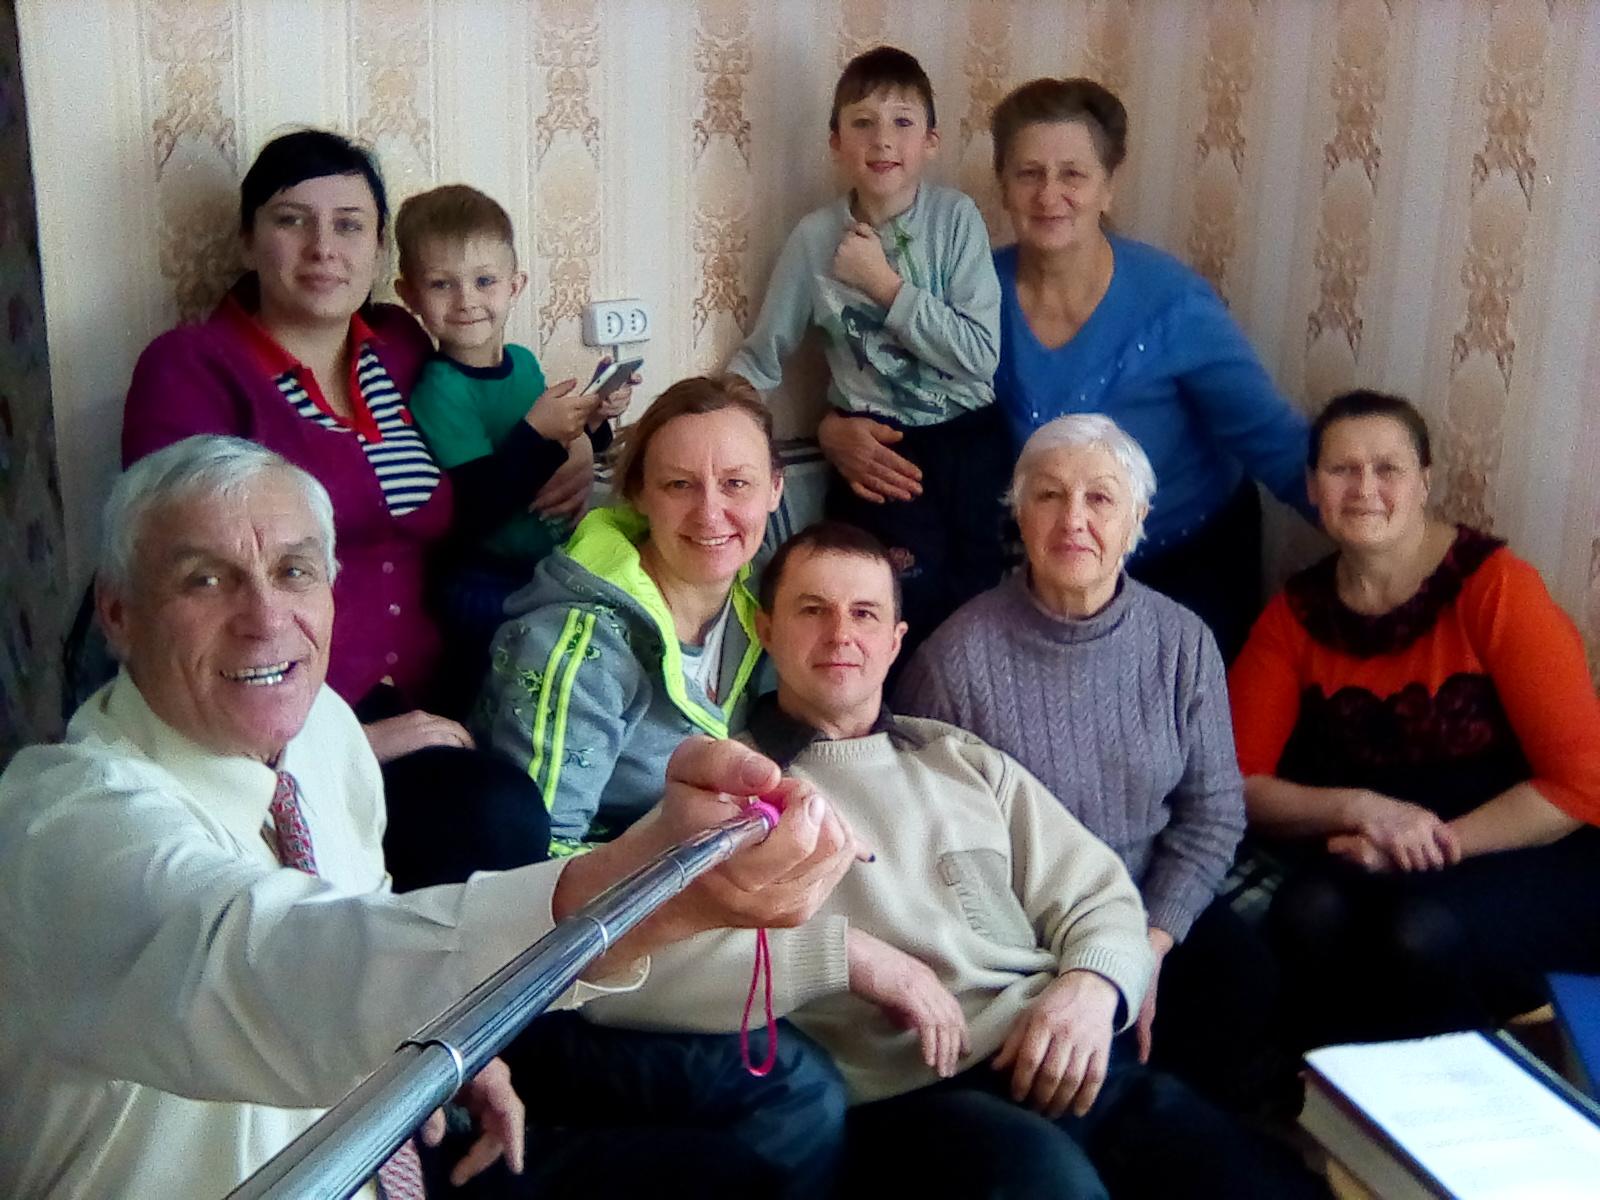 January 2018 - Pastor Kirill on far left